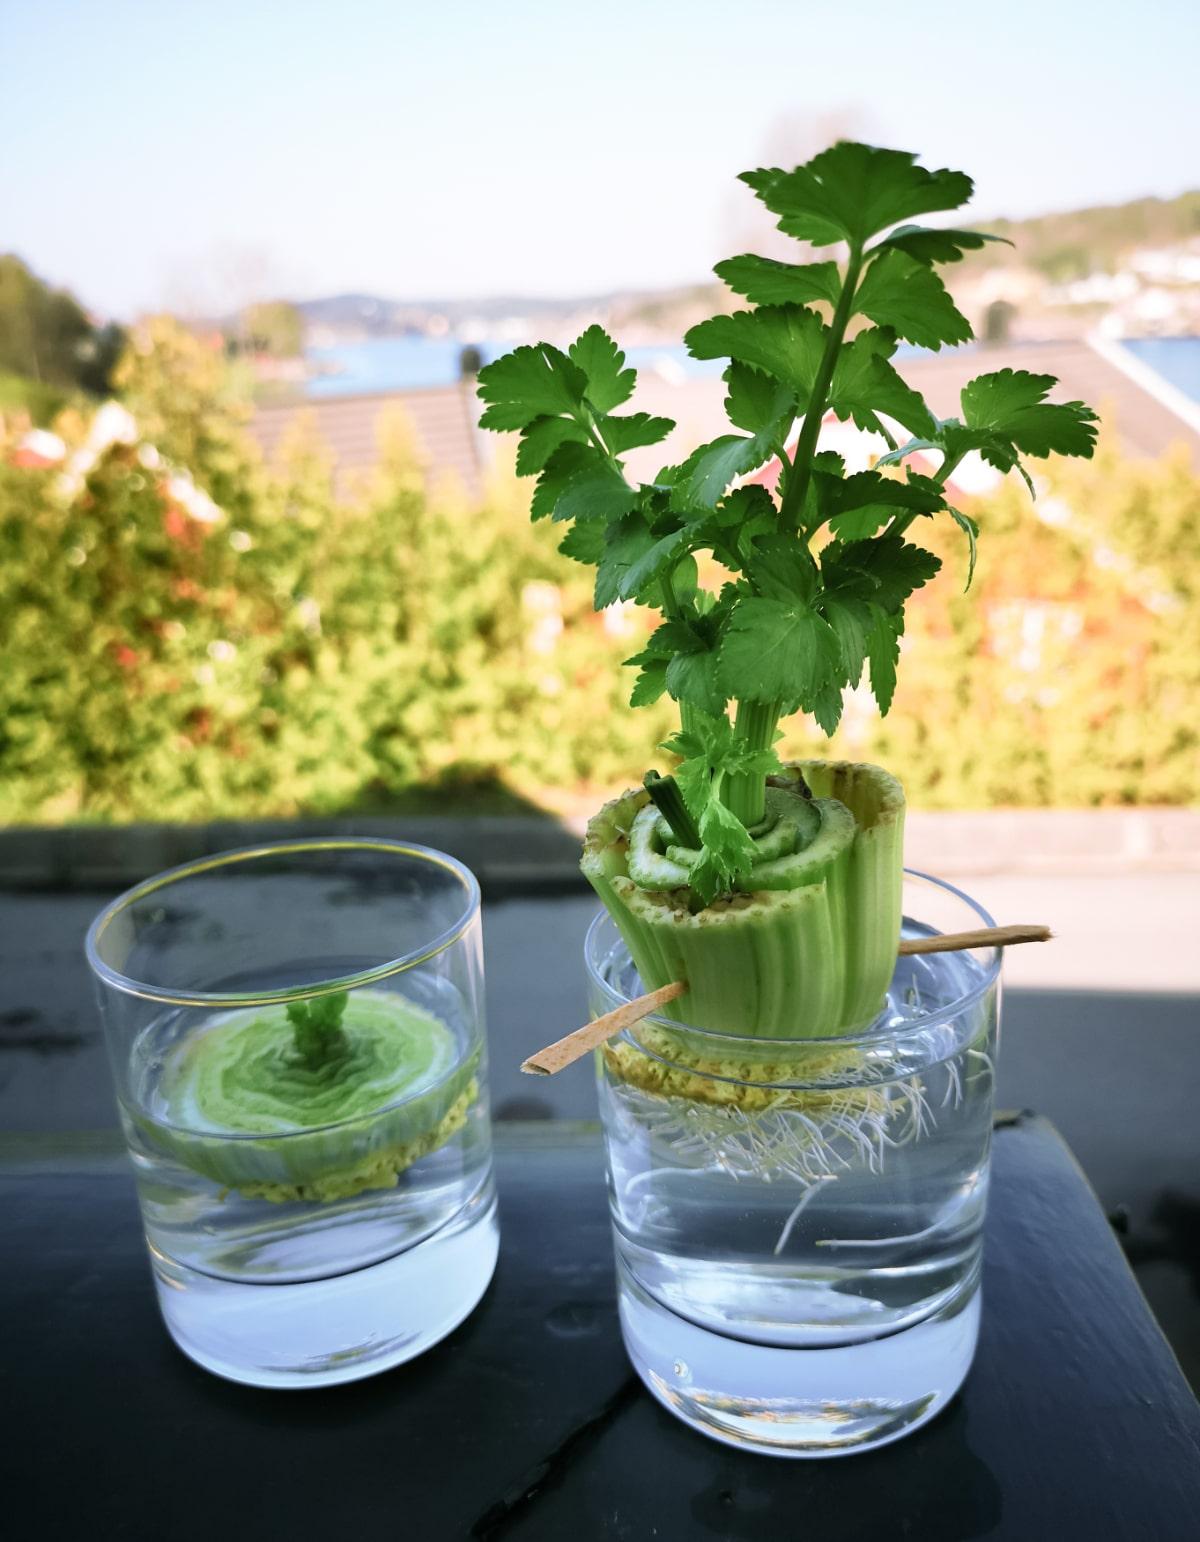 regrowing celery in water